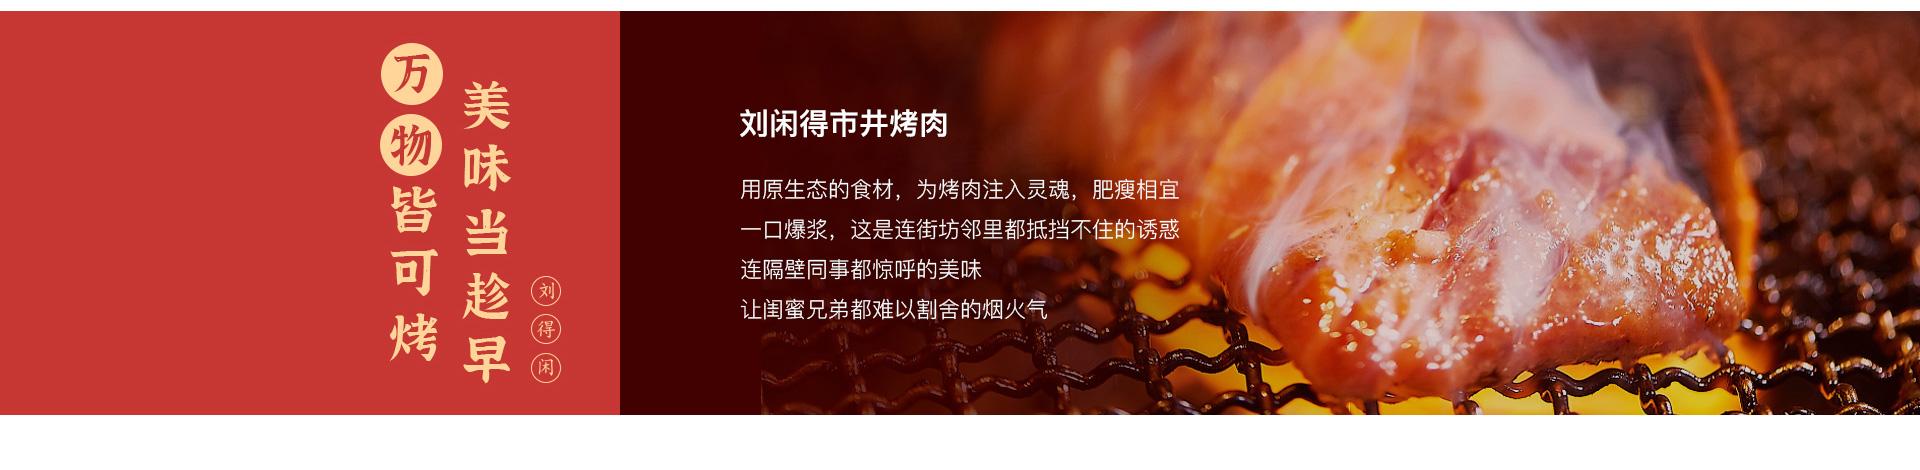 刘闲得市井烤肉详情_05